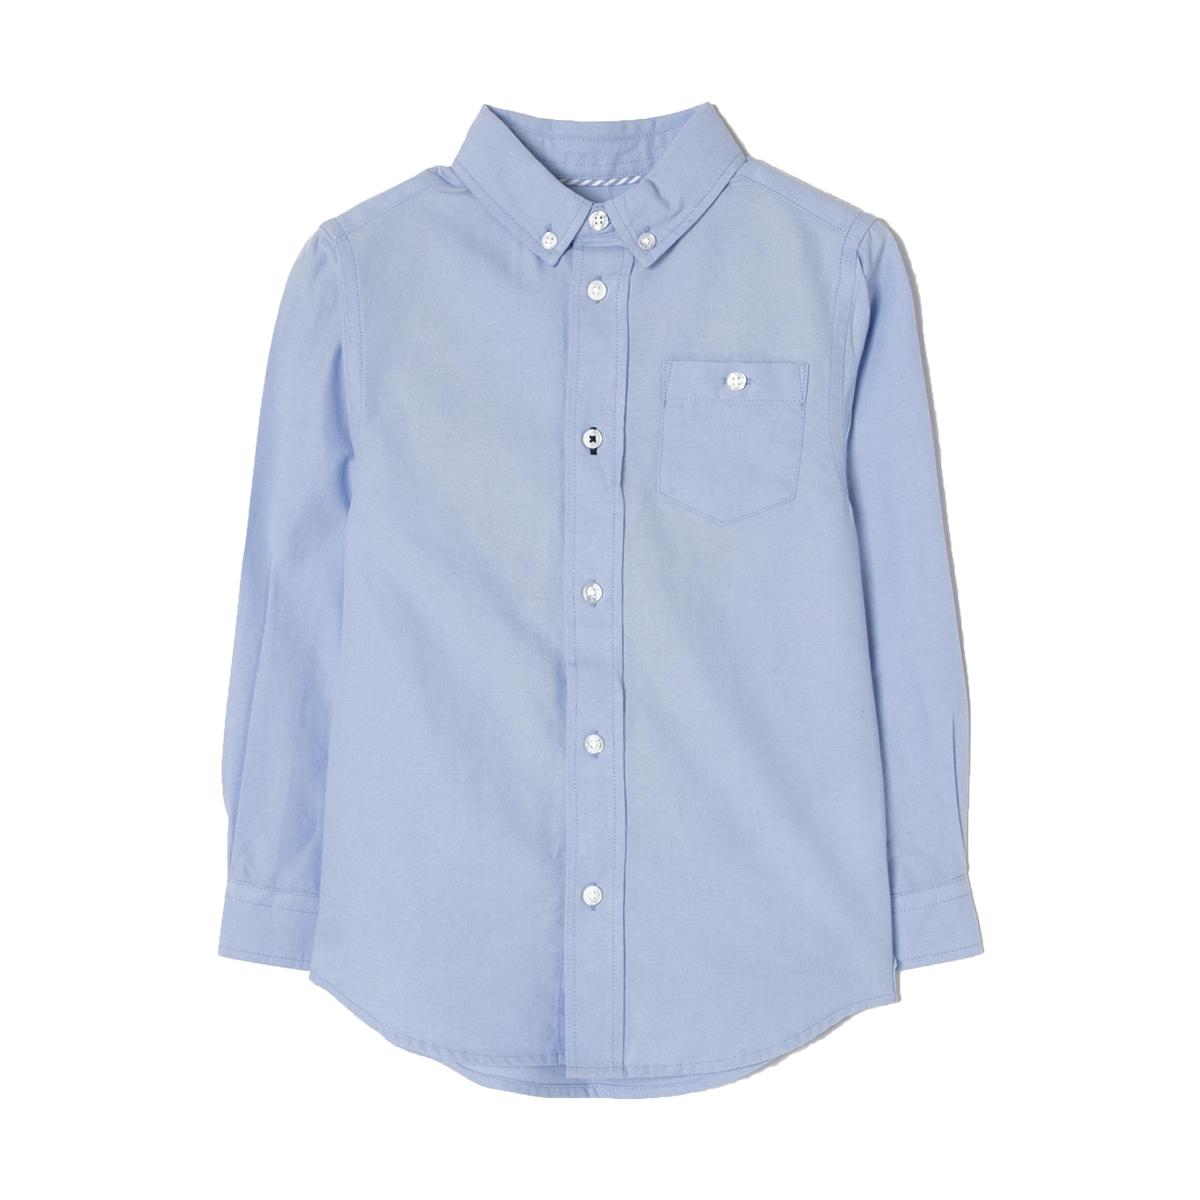 Camasa cu maneci lungi Zippy Oxford, Albastru imagine